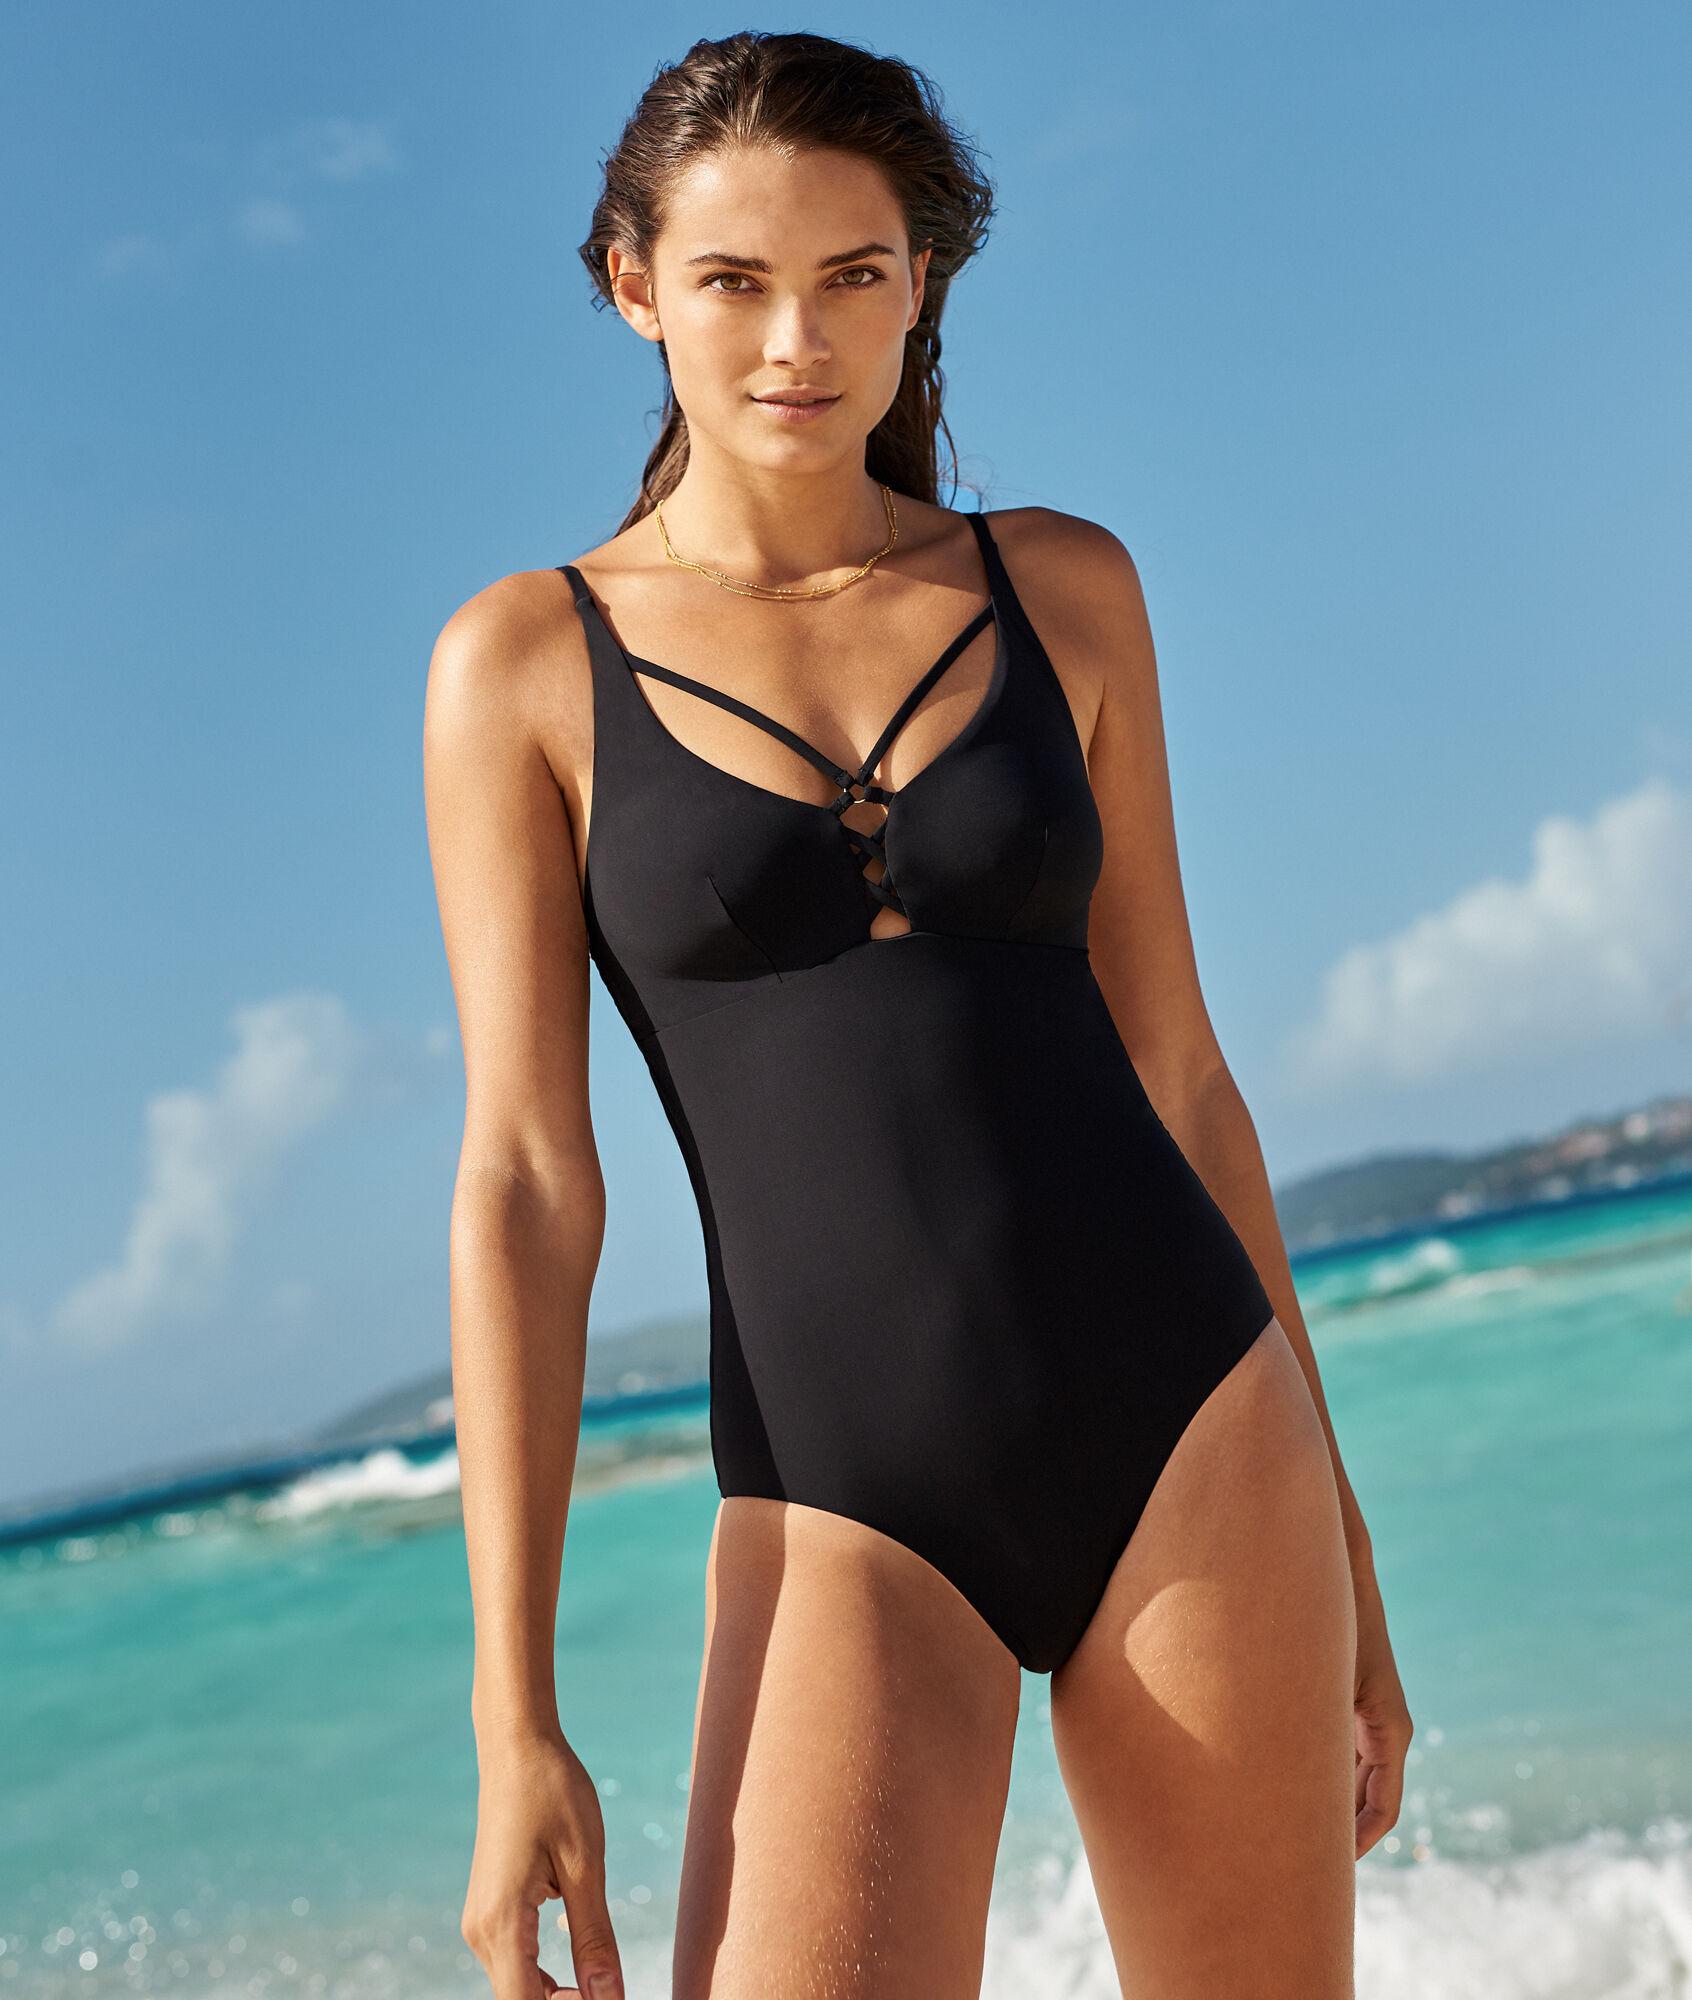 af491b55bd5faf Jednoczęściowy kostium kąpielowy, plecy wykonane z ozdobnych pasków - MALINE